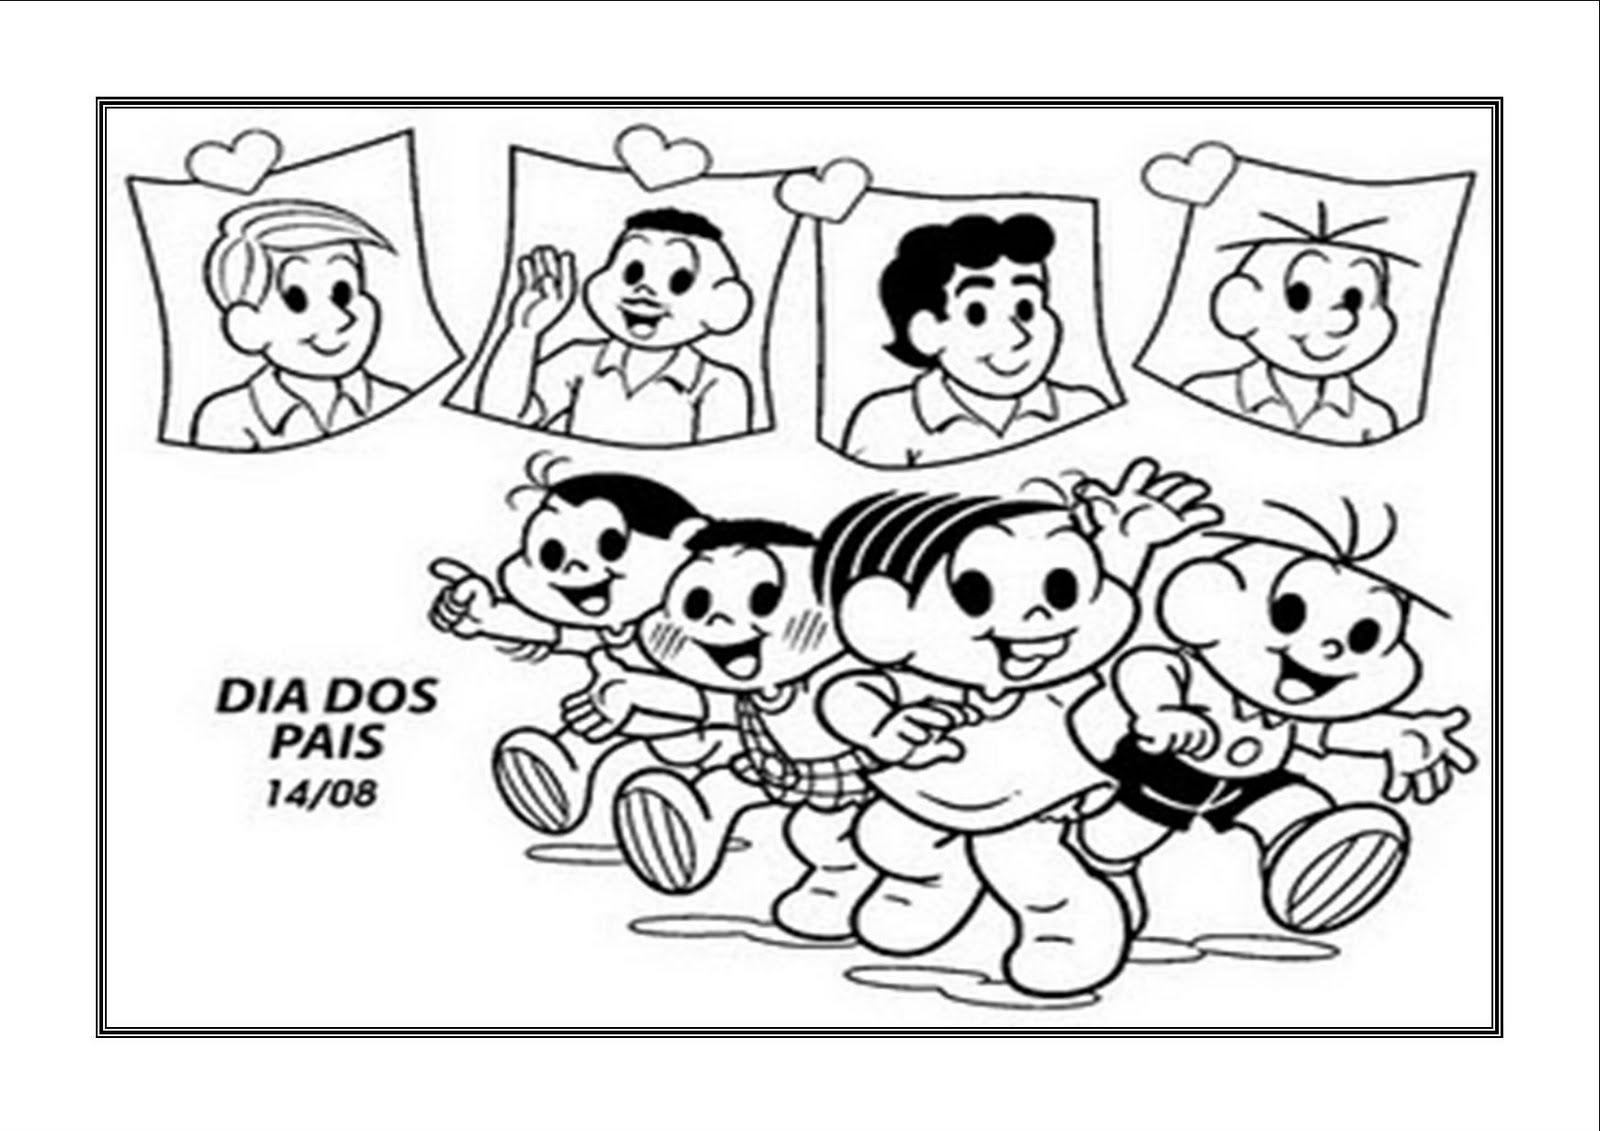 atividades para alfabetiza u00e7 u00e3o - dia dos pais